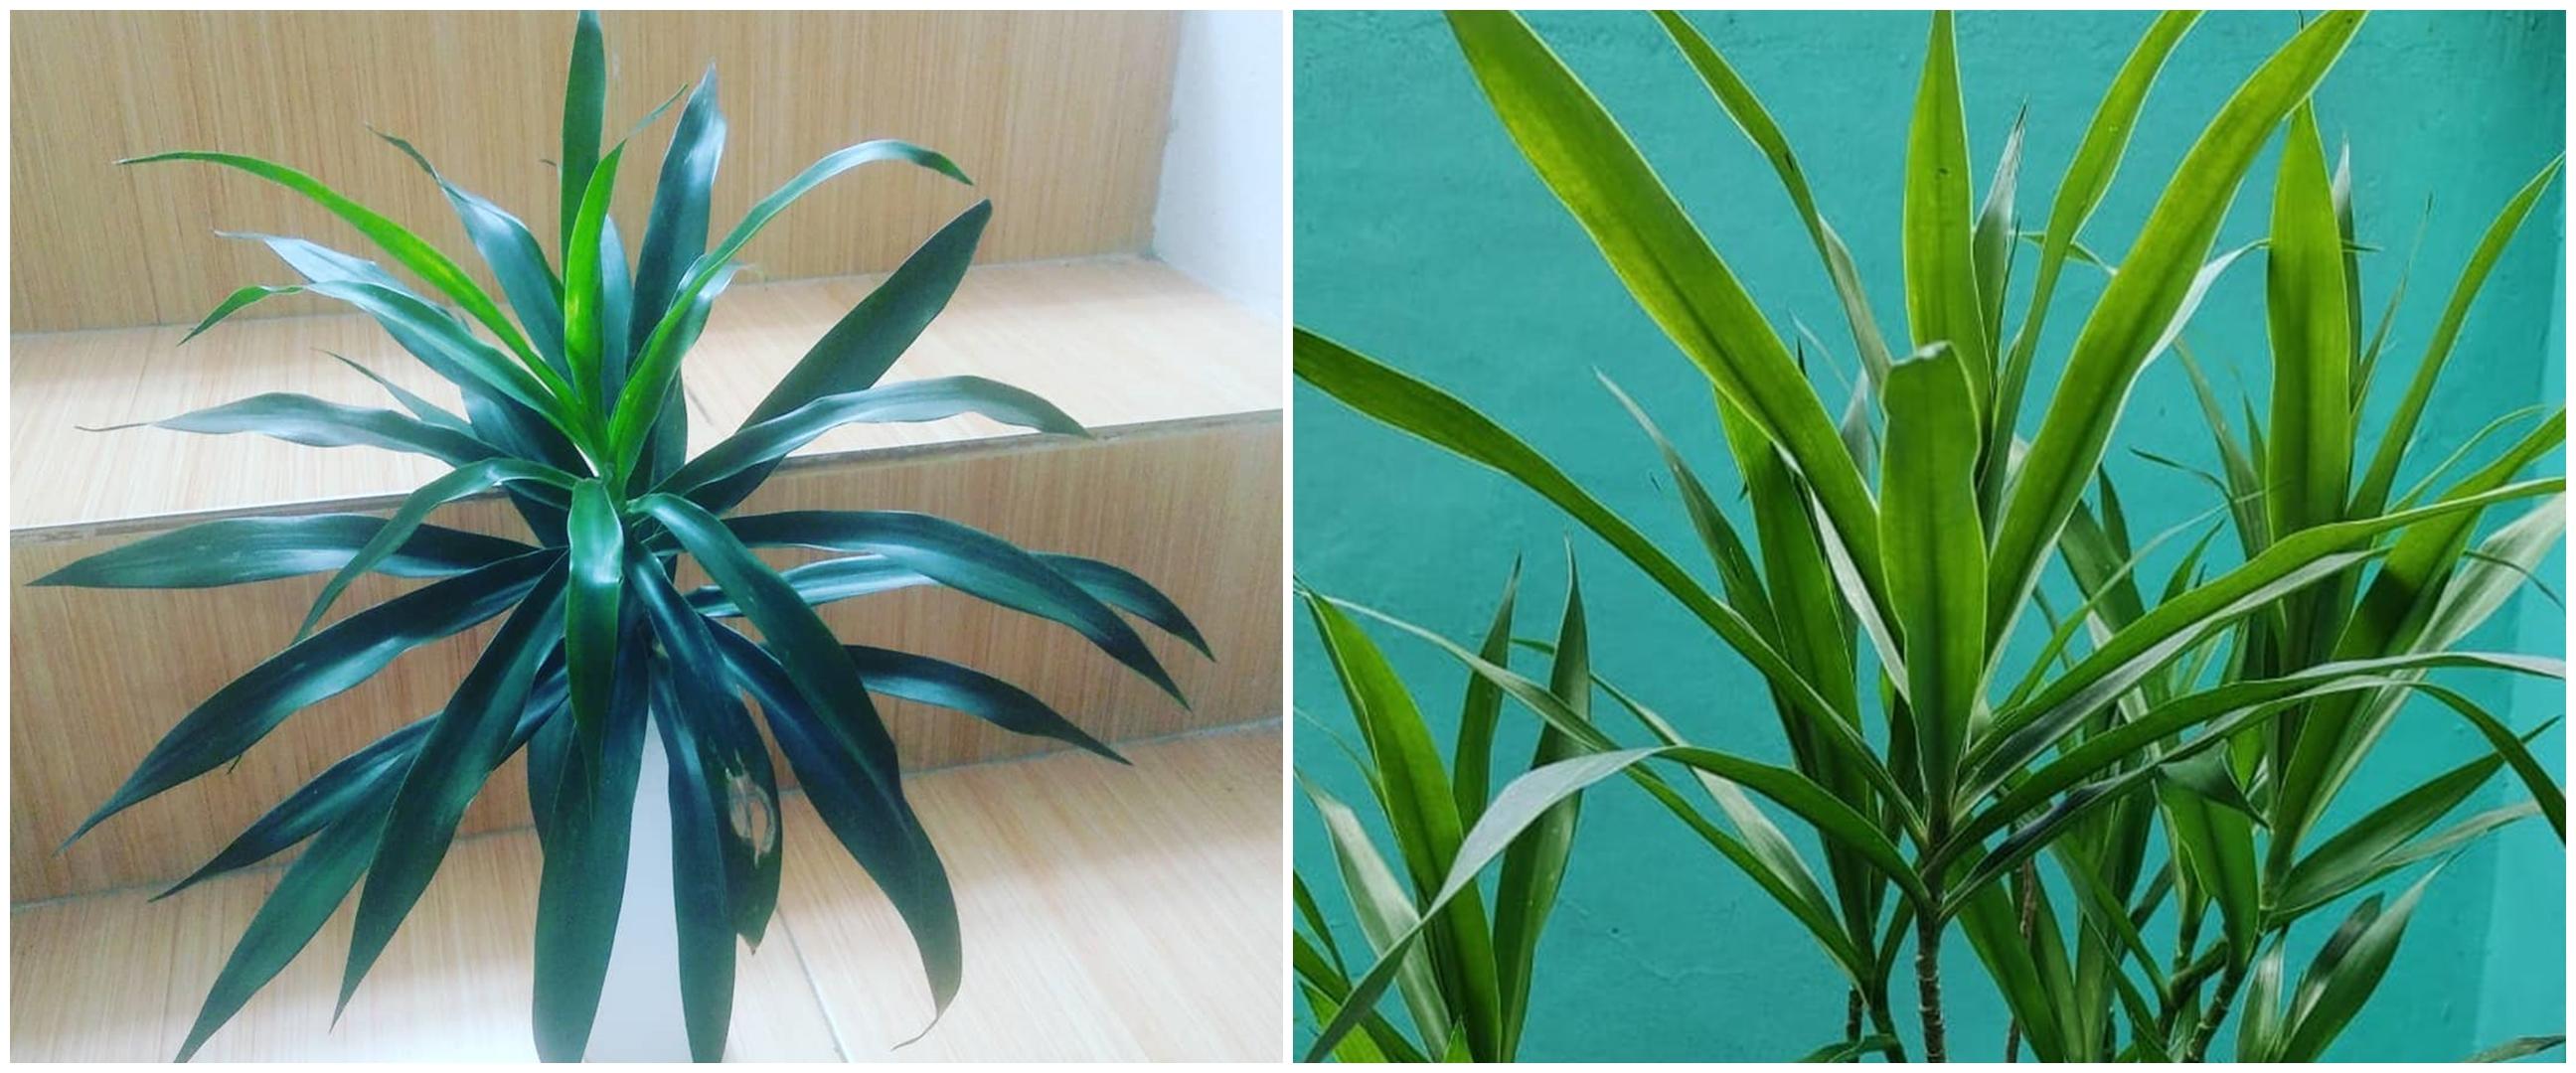 Cara menanam tanaman hias daun suji yang memiliki banyak manfaat